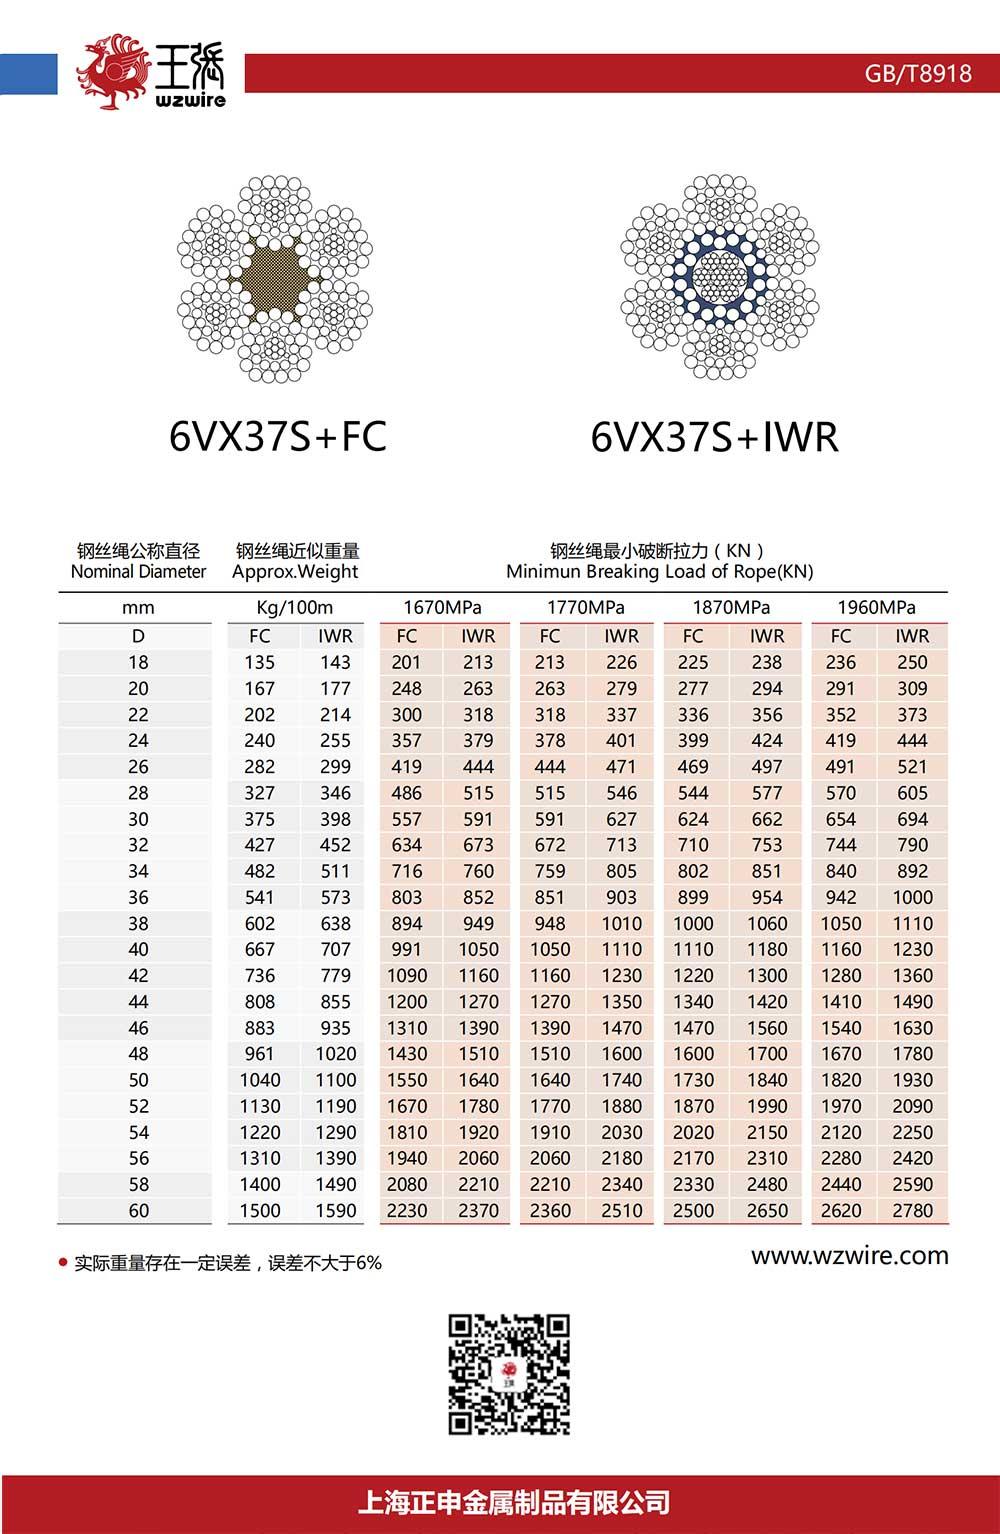 鋼絲繩6VX37S+FC、6VX37S+IWR價格,鋼絲繩6VX37S+FC、6VX37S+IWR批發,鋼絲繩6VX37S+FC、6VX37S+IWR公司